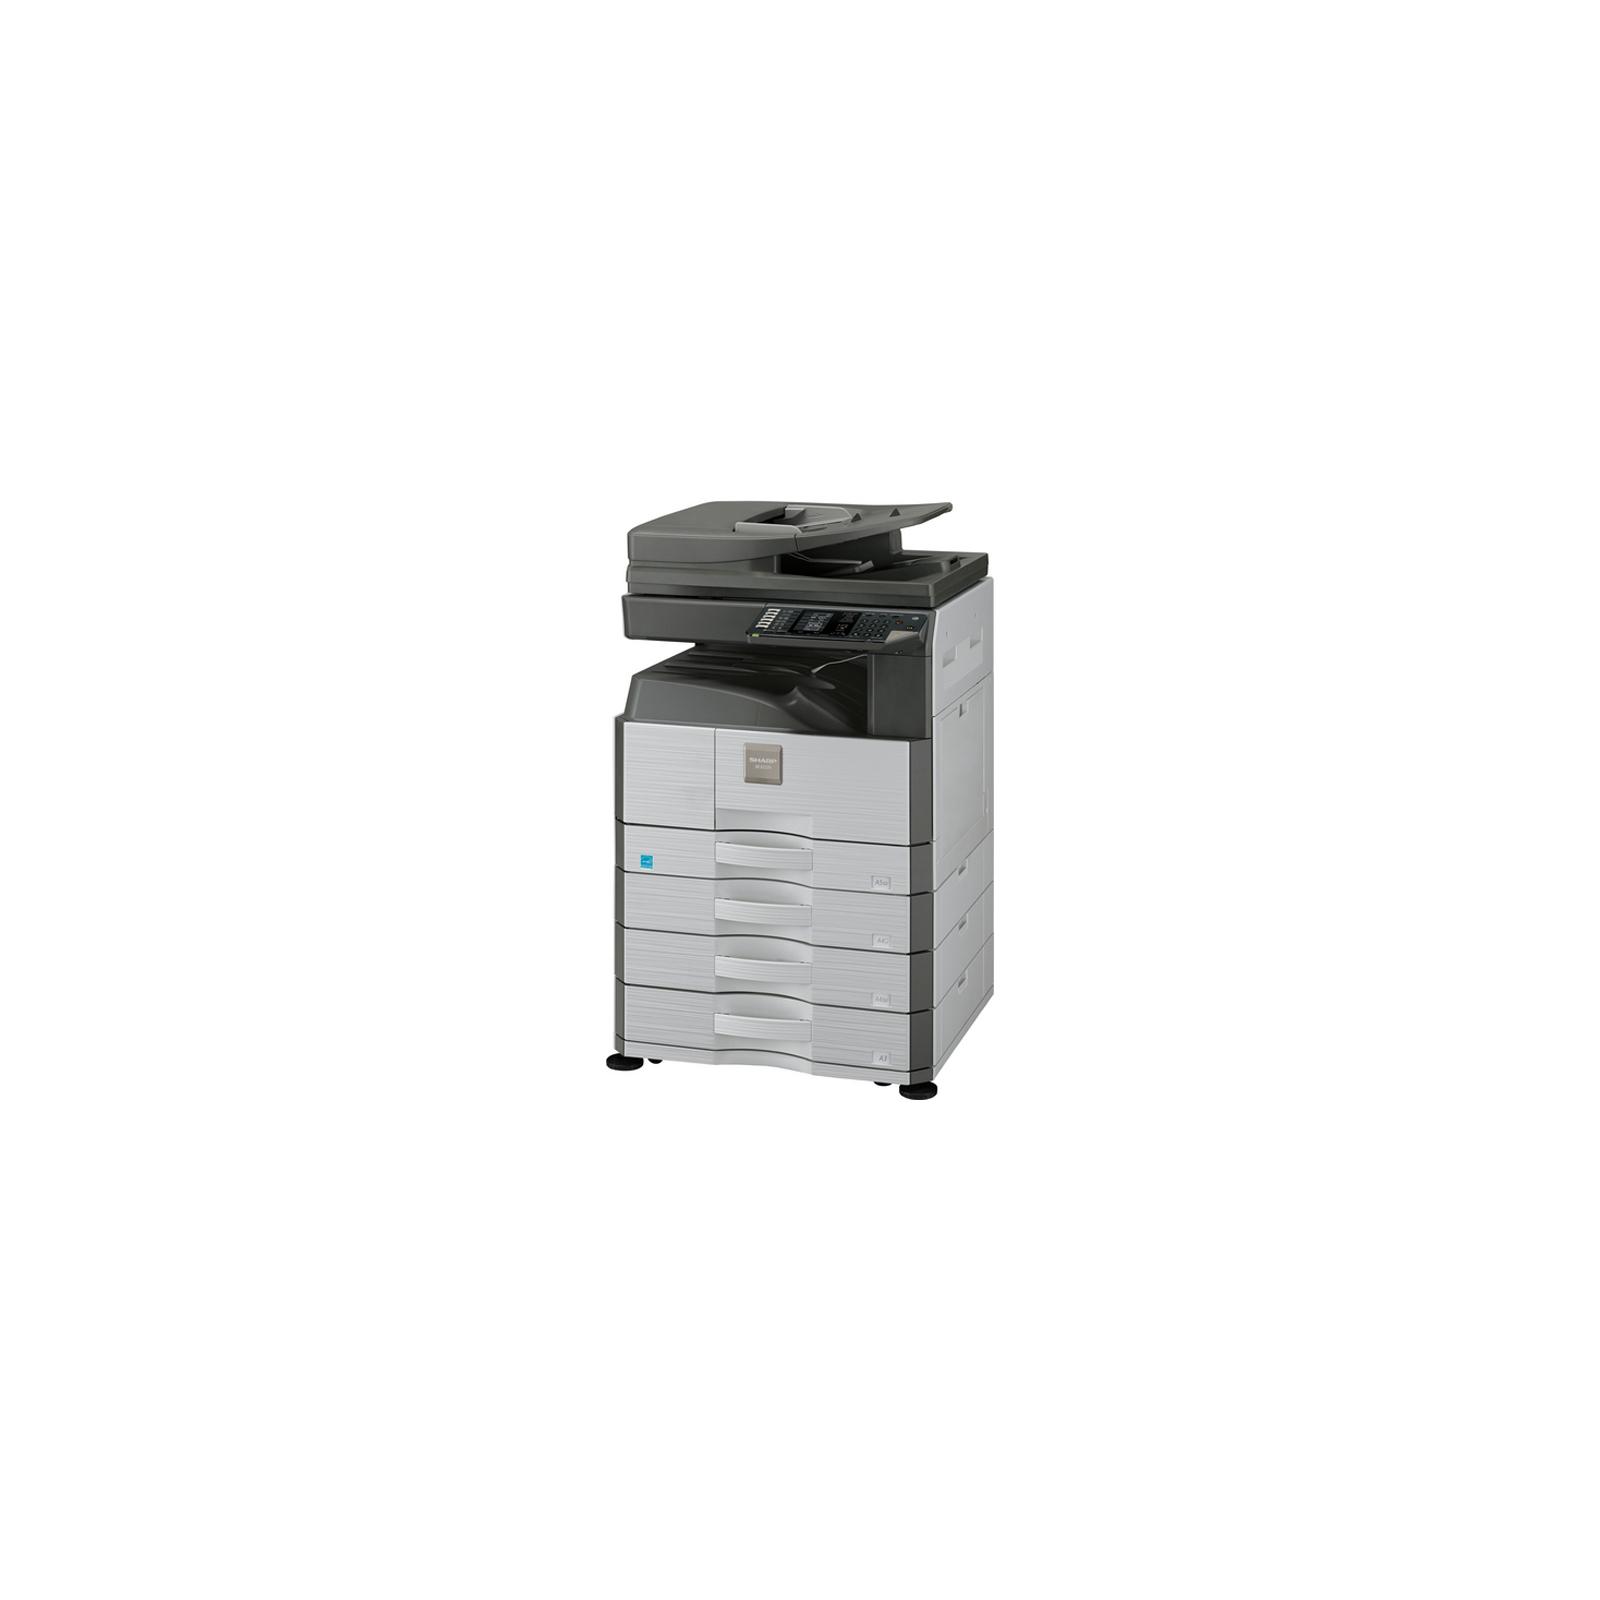 Многофункциональное устройство SHARP AR 6023N (AR6023N) изображение 2